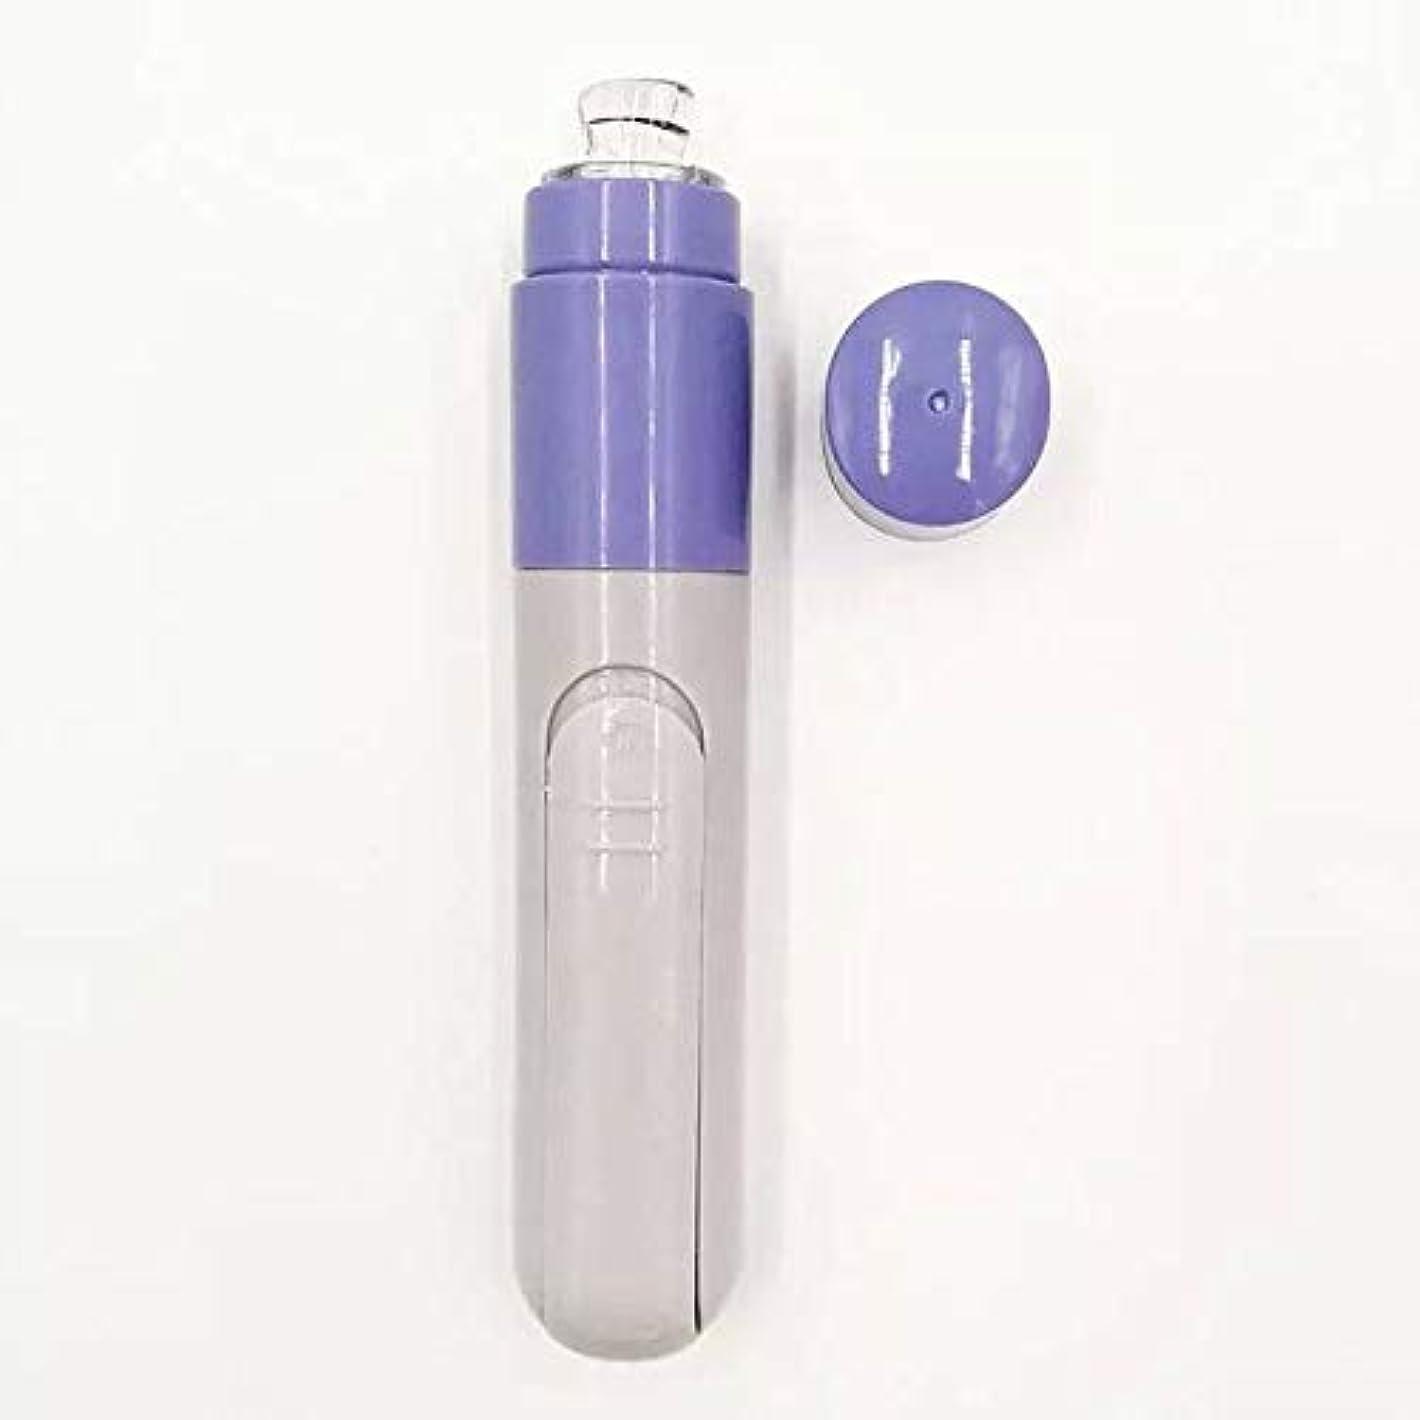 アンケートスナッチ壮大にきび除去剤、毛穴クリーナー - にきび用器具 - にきび用器具 - にきび(バッテリーなしで5番目の電池式)